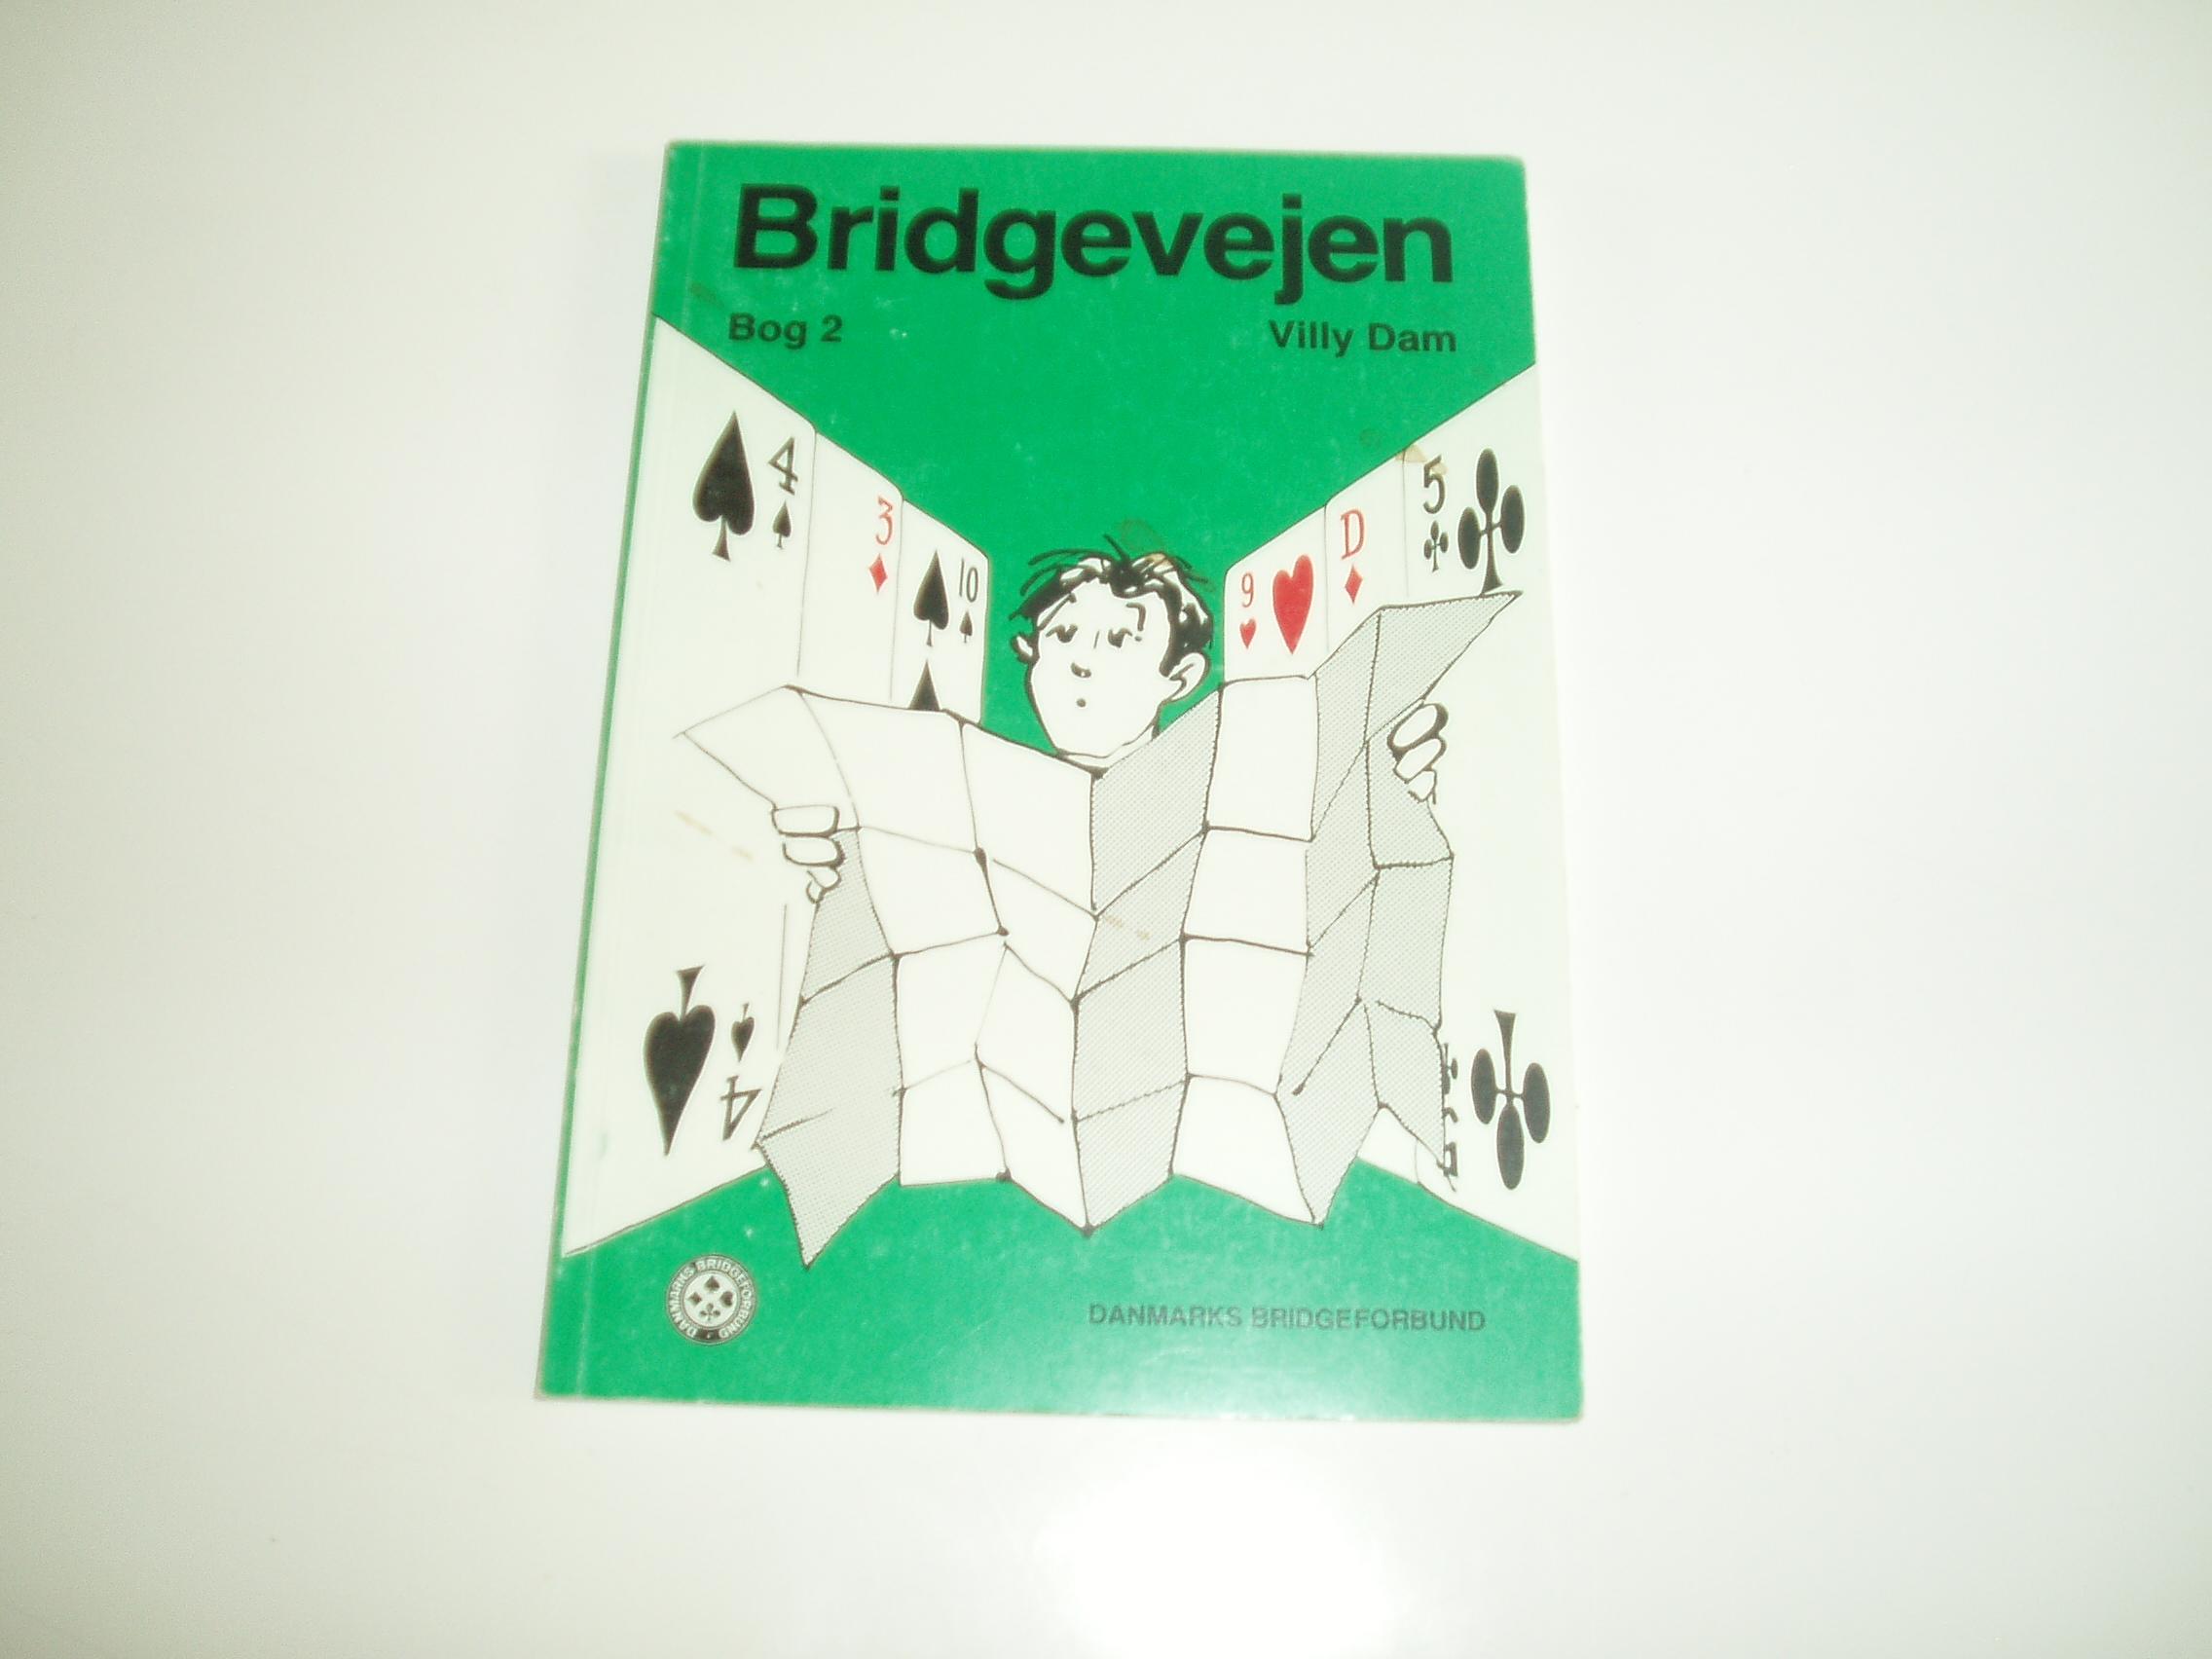 Bridgevejen, 2